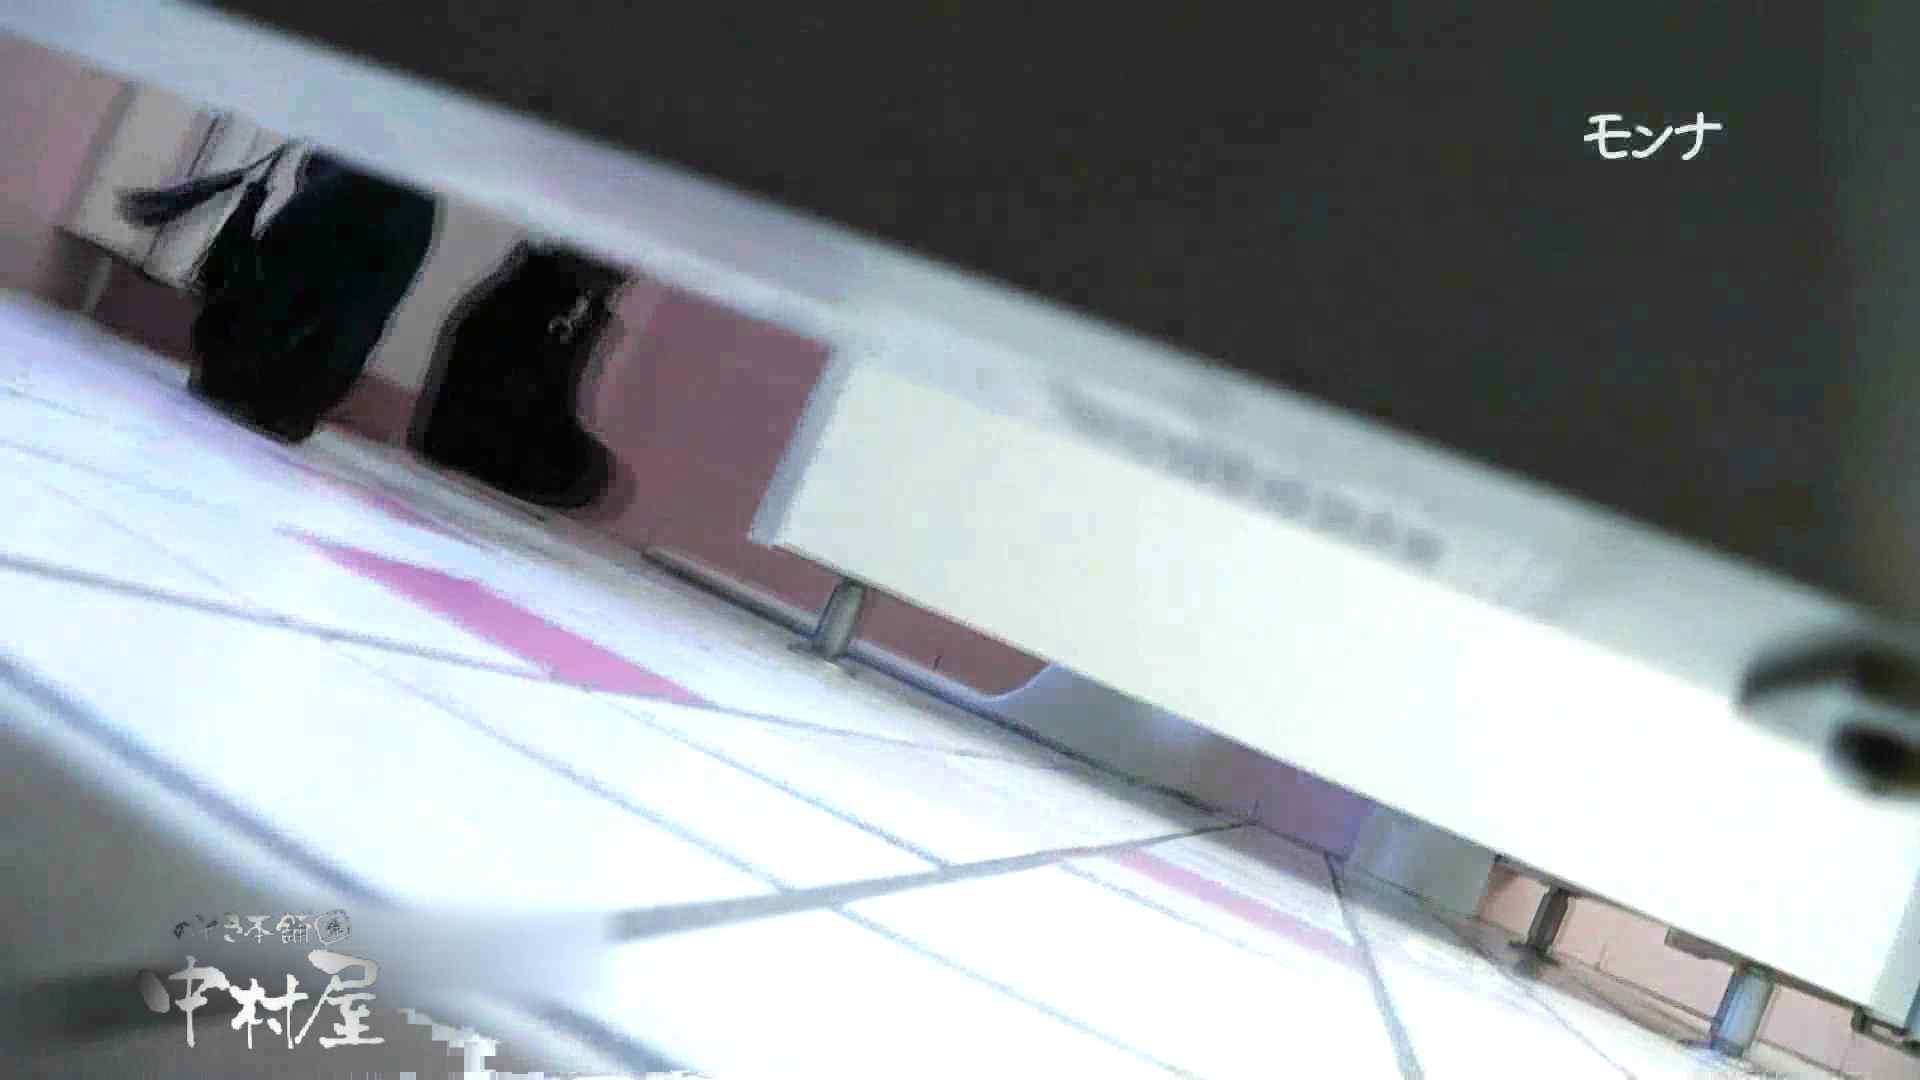 【美しい日本の未来】遂に!!戸田恵梨香似の予告モデル登場ダッシュで「大」前編 モデルのエロ生活  31連発 4